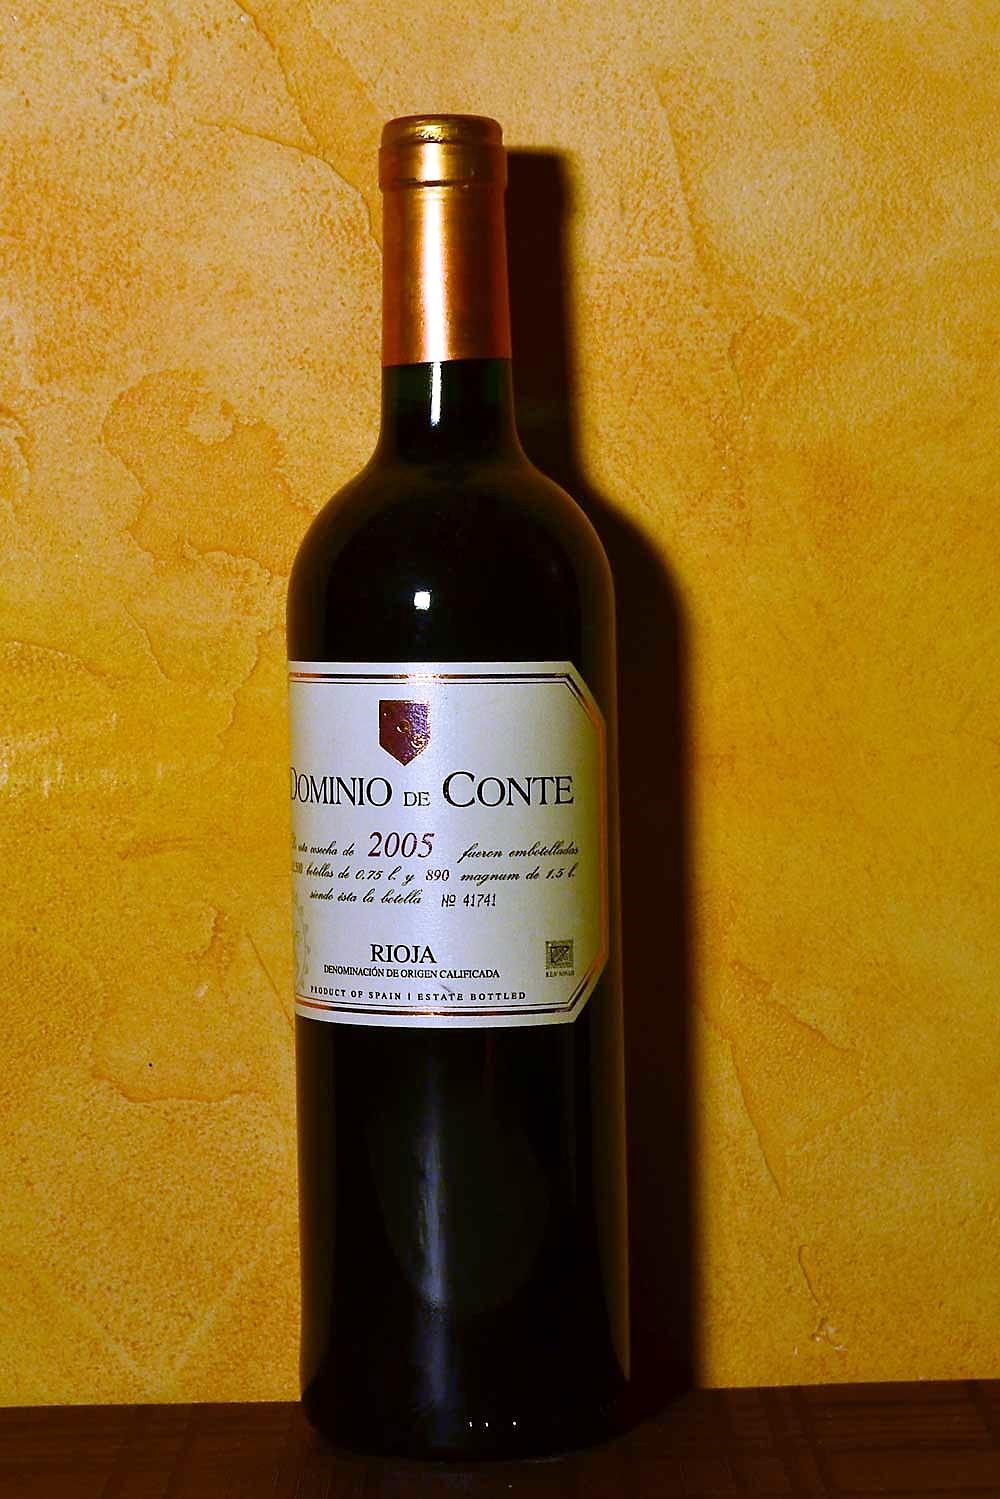 Domain of Conte 2005